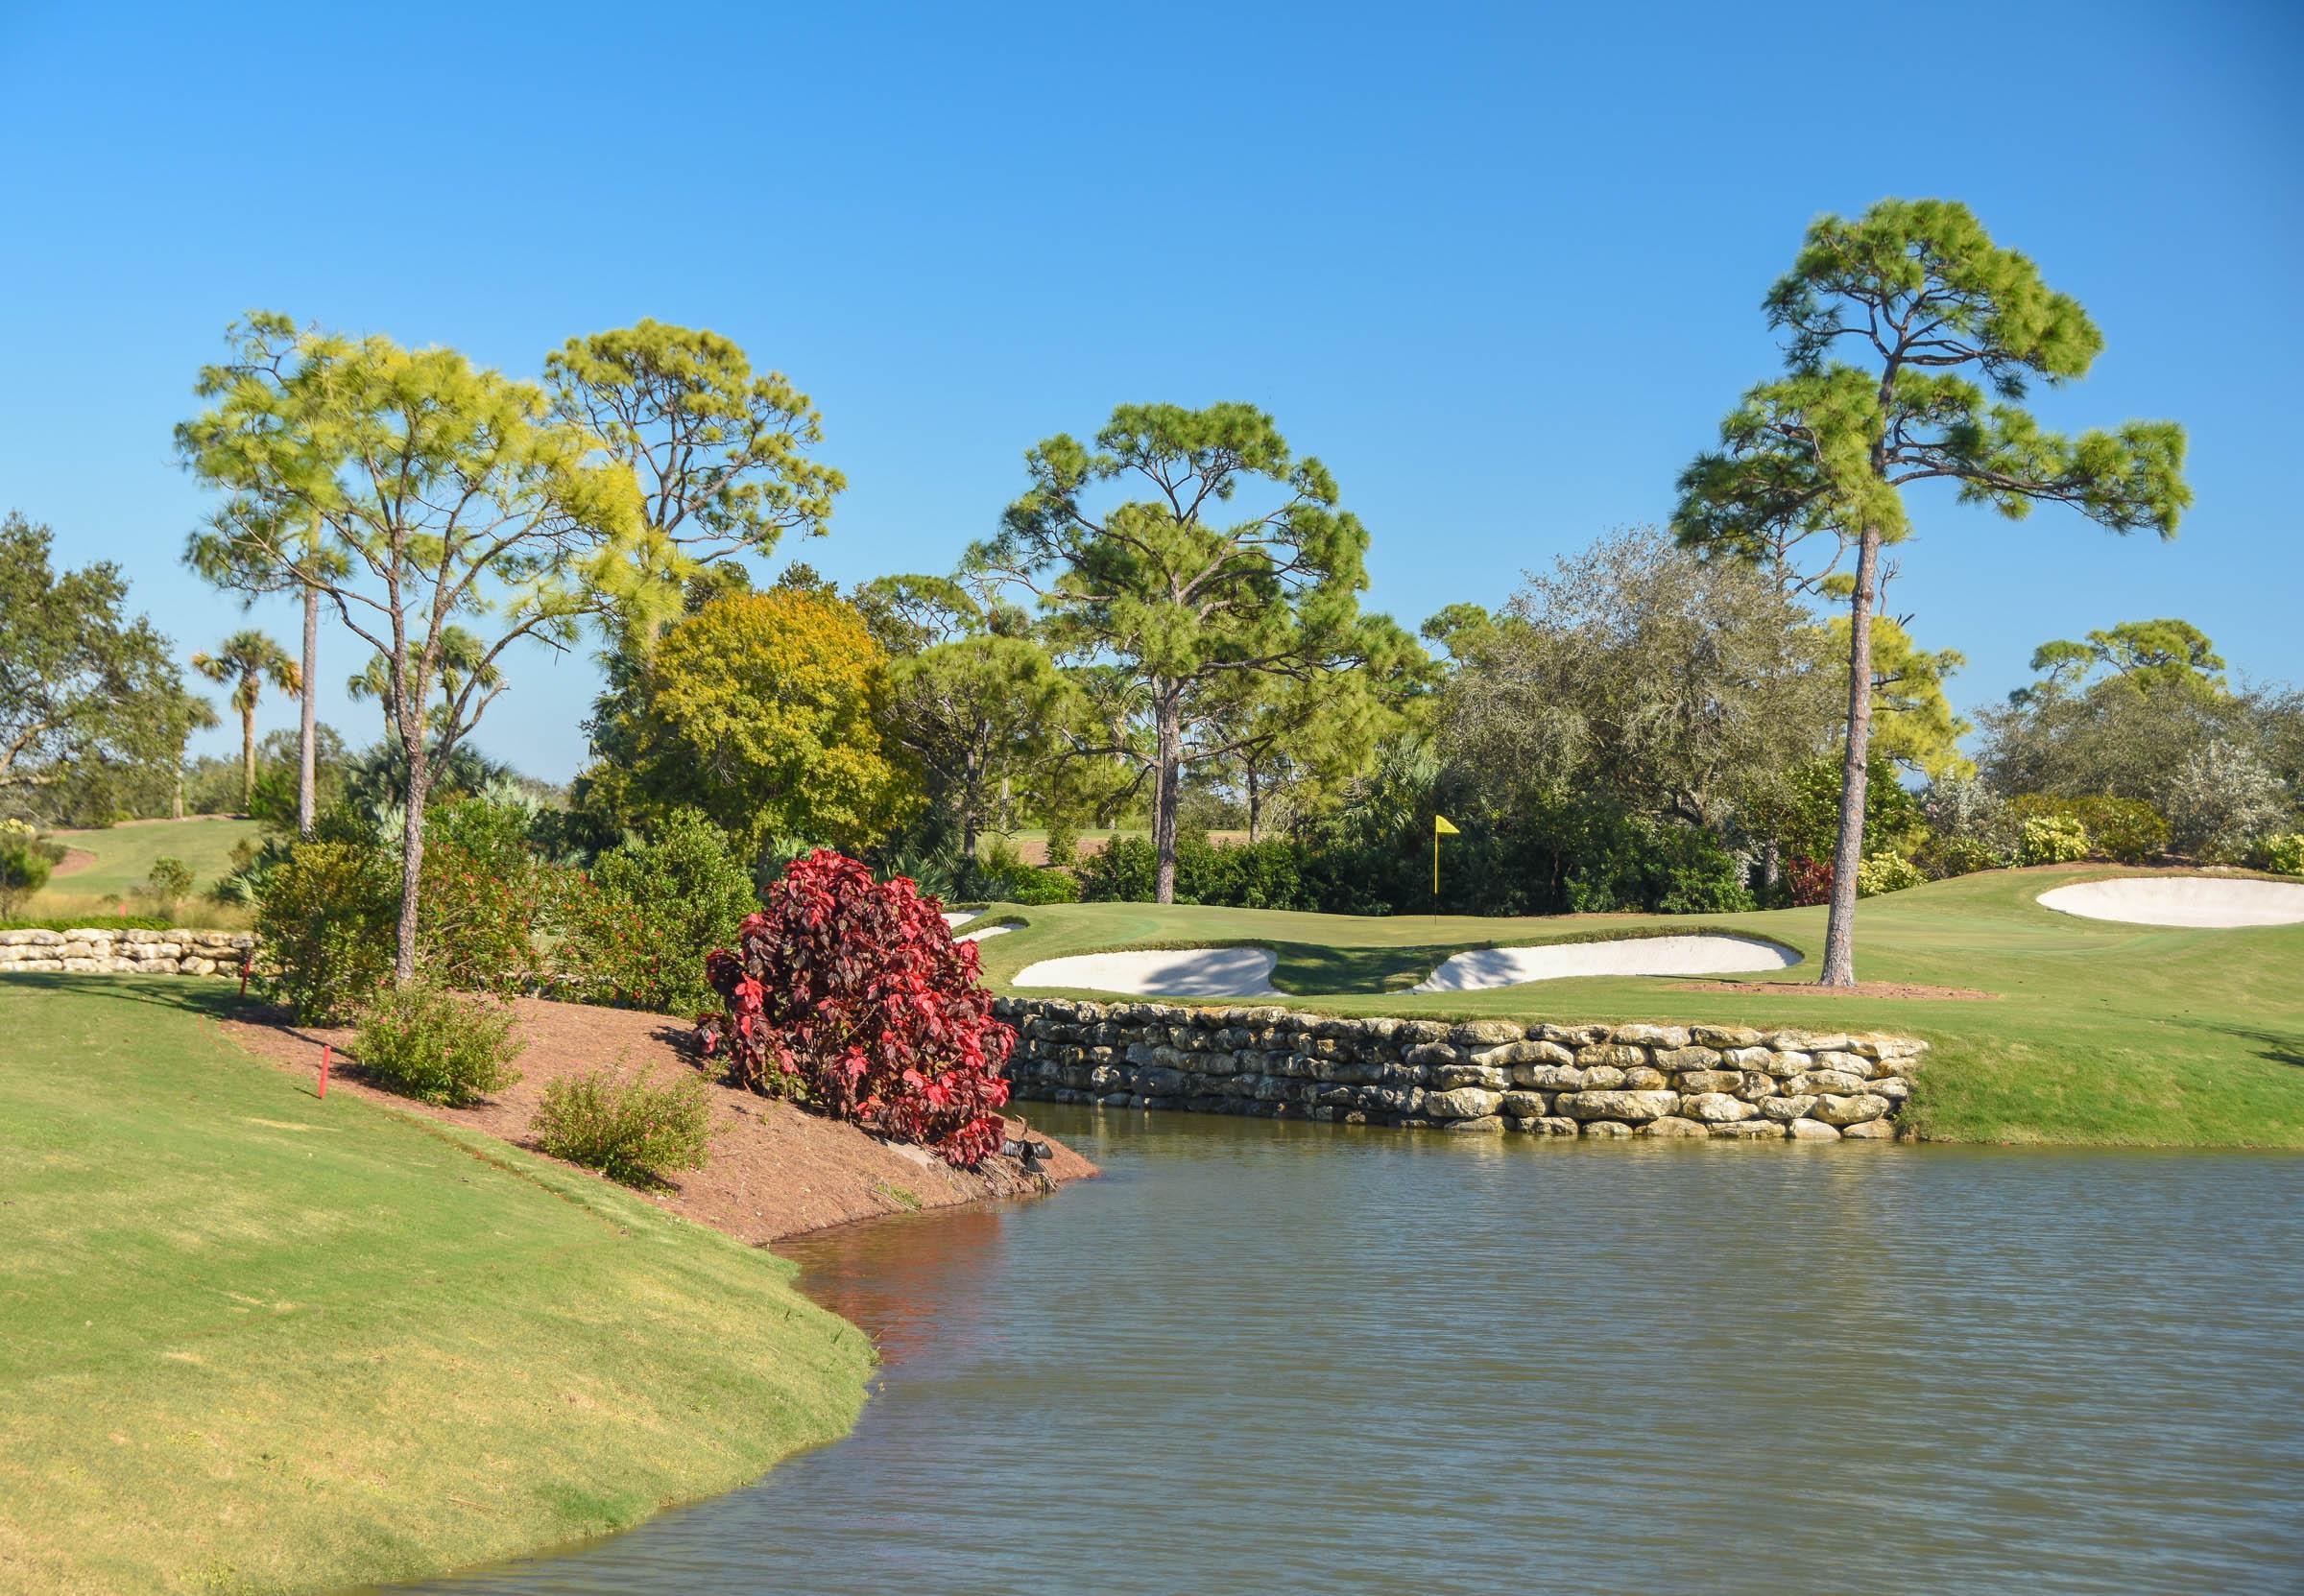 Adios Golf Club - Pompano Beach, FL